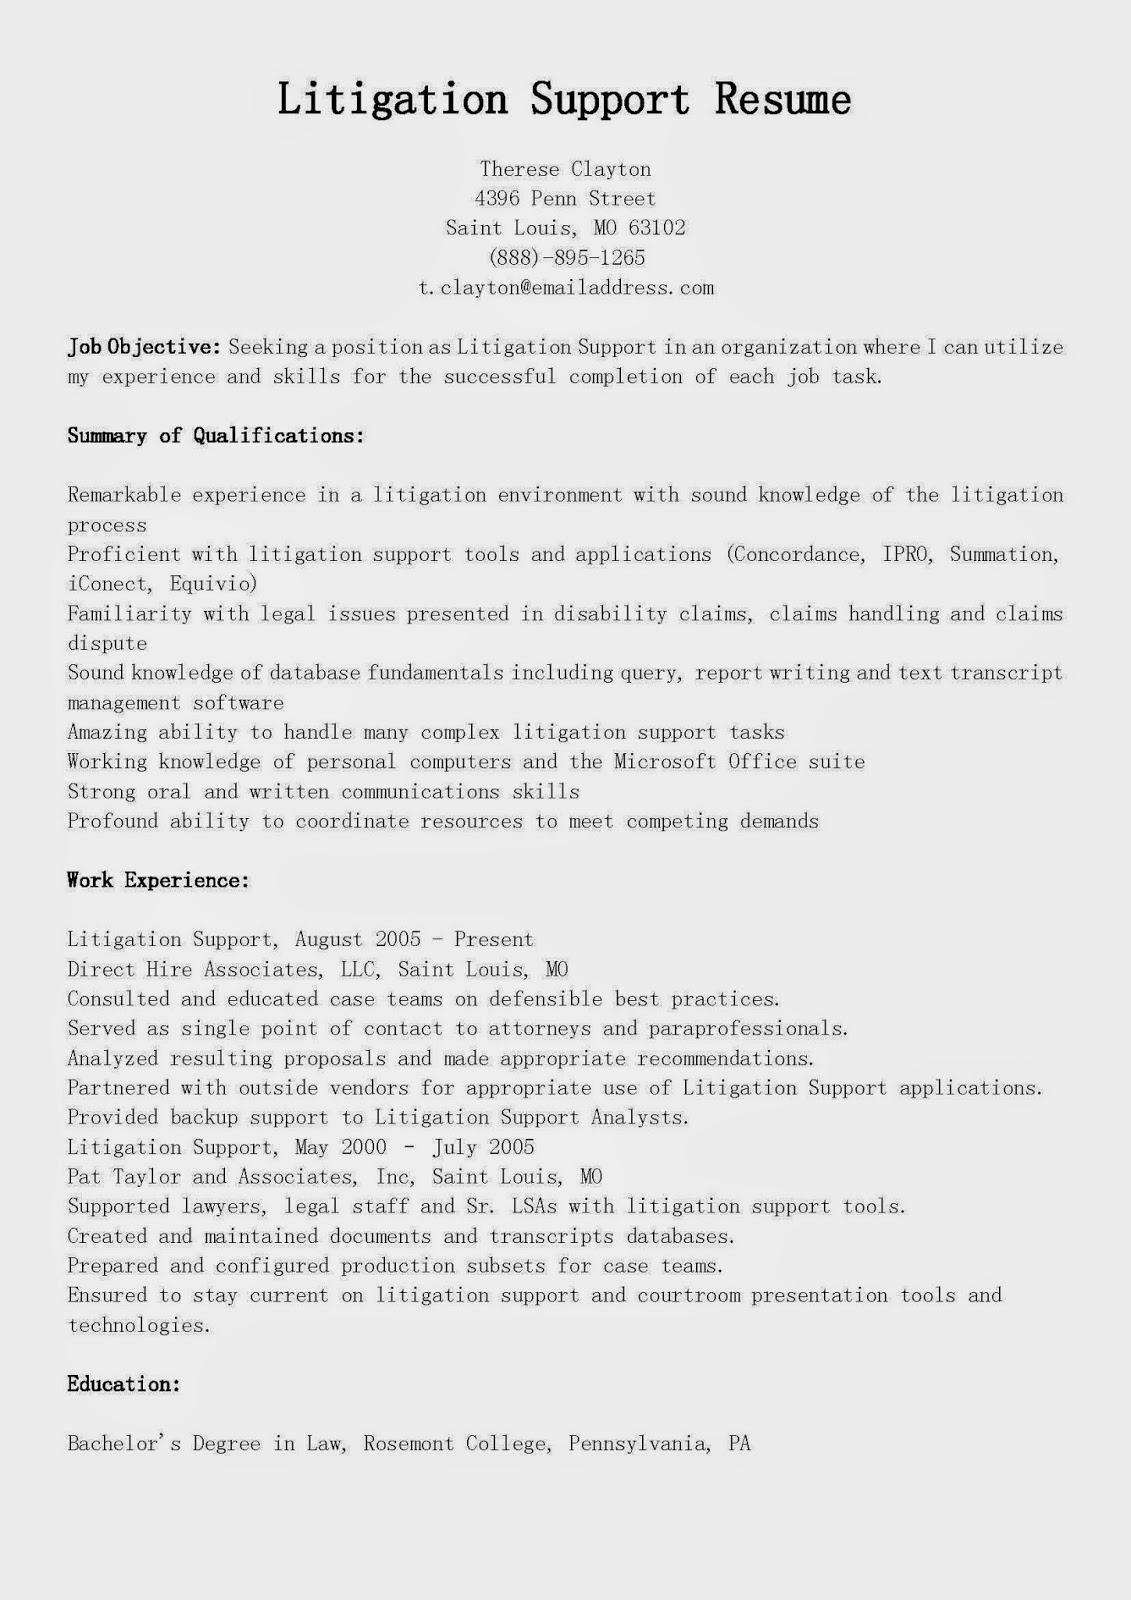 resume sles litigation support resume sle